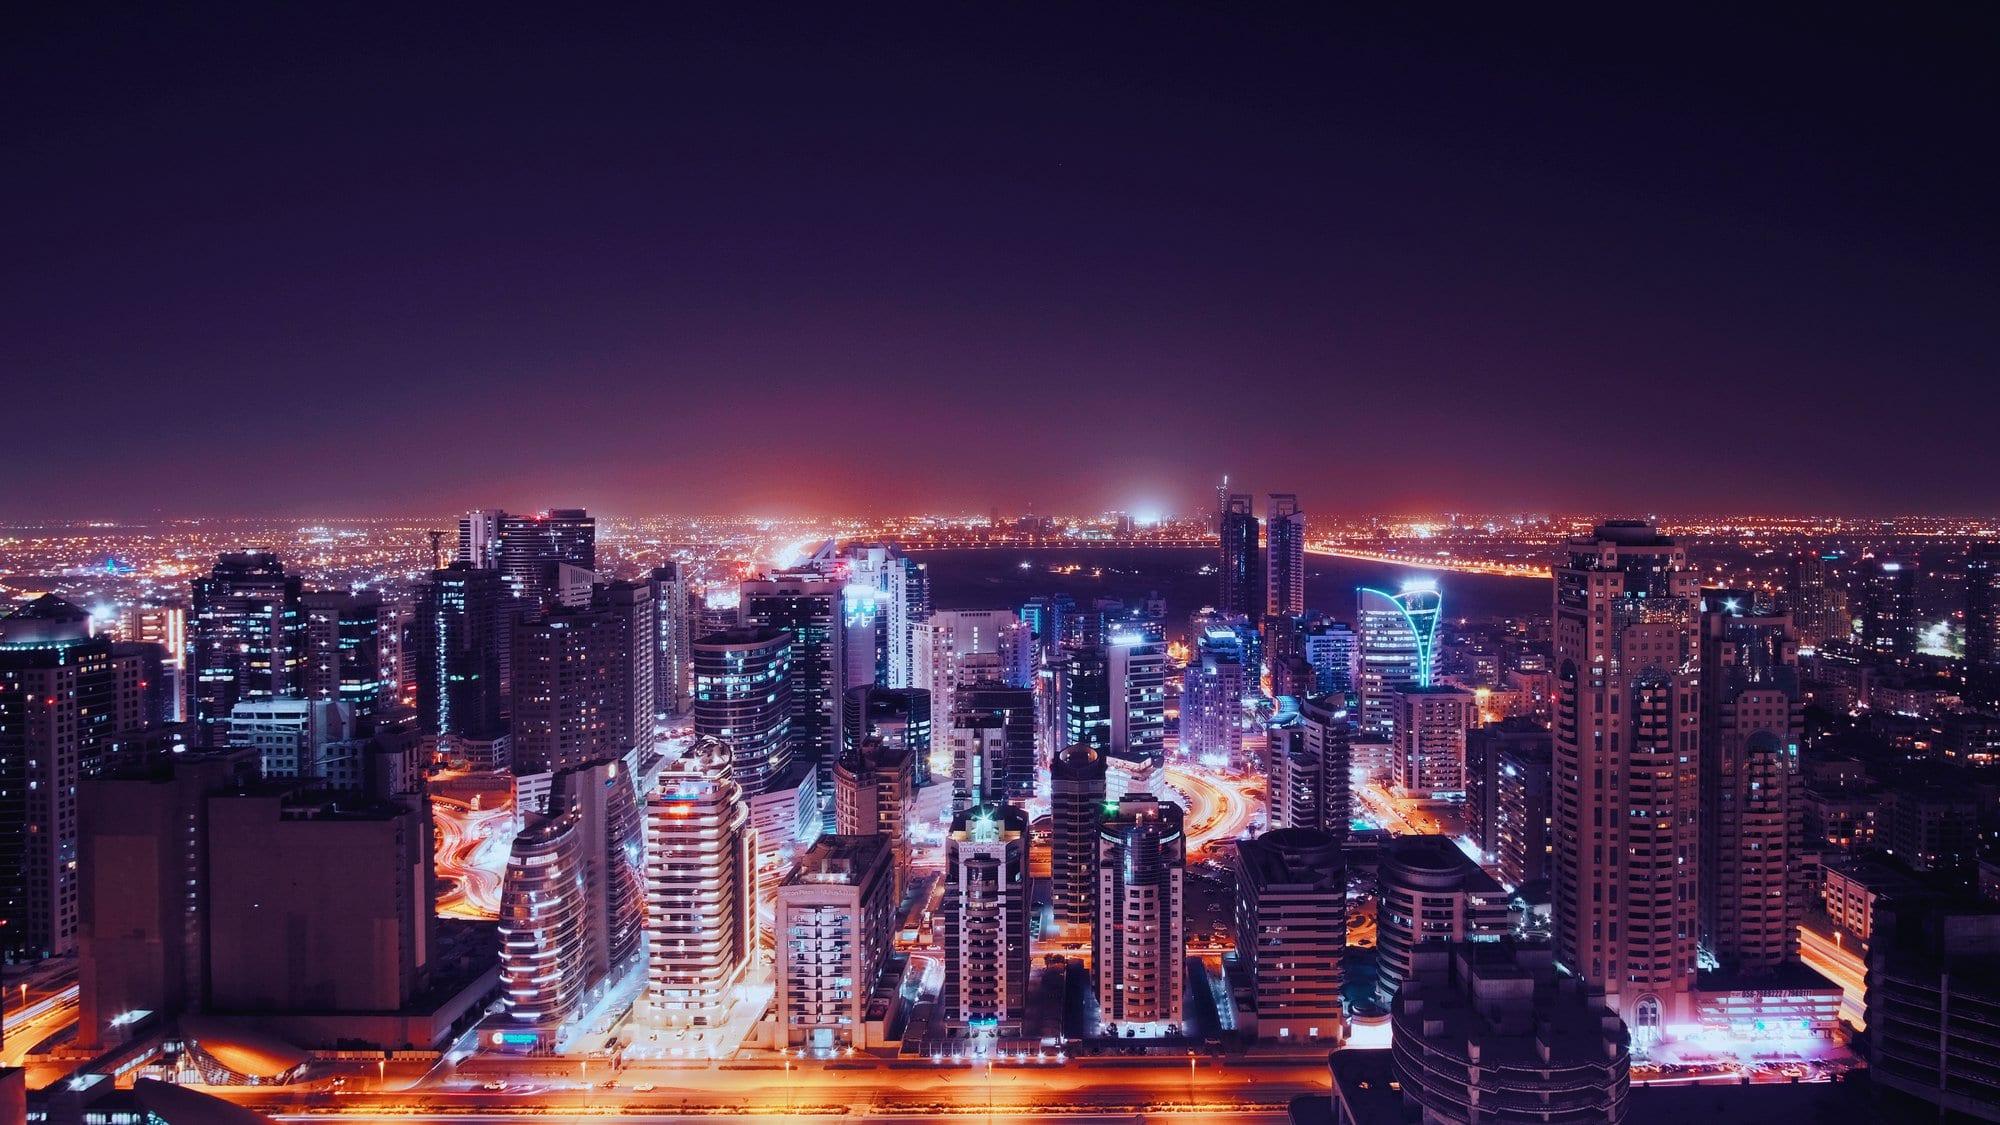 Dubaï Lifestyle Outlook Révèle: La Vision Des Émirats Arabes Unis En 2020